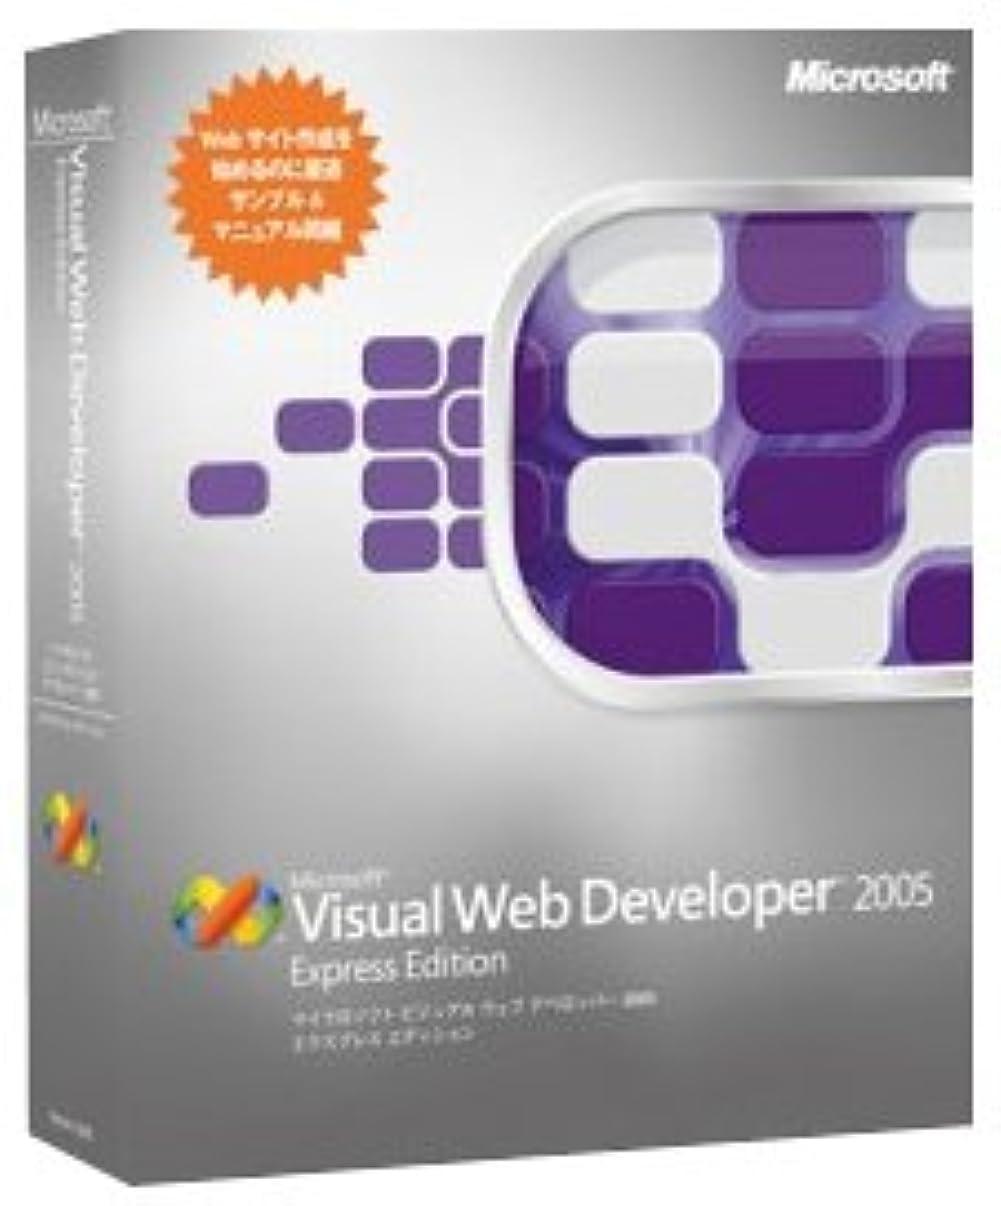 偶然の恐ろしいです過ちVisual Web Developer 2005 Express Edition